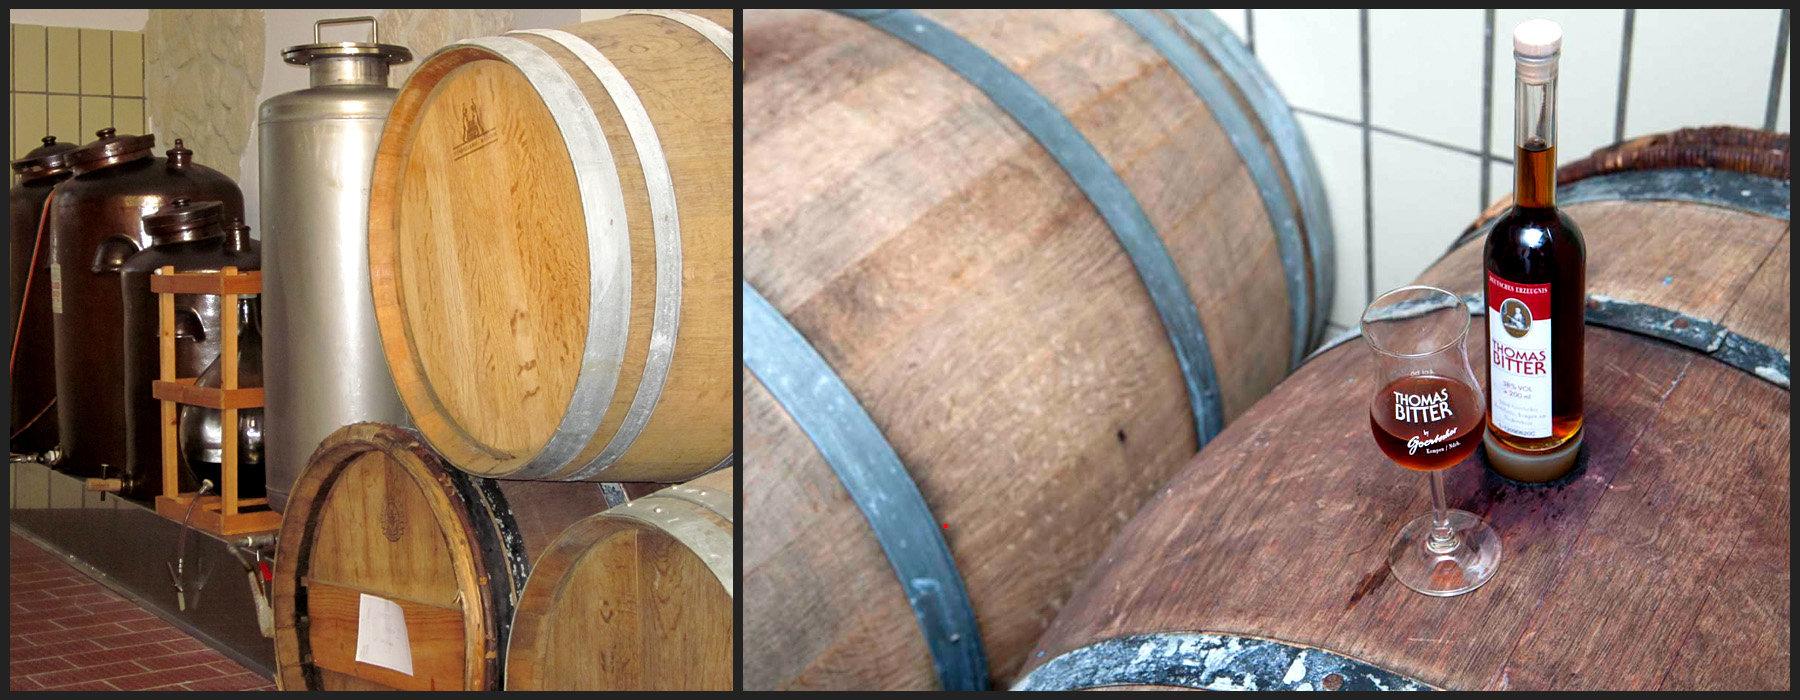 Destillerie und Thomas Bitter